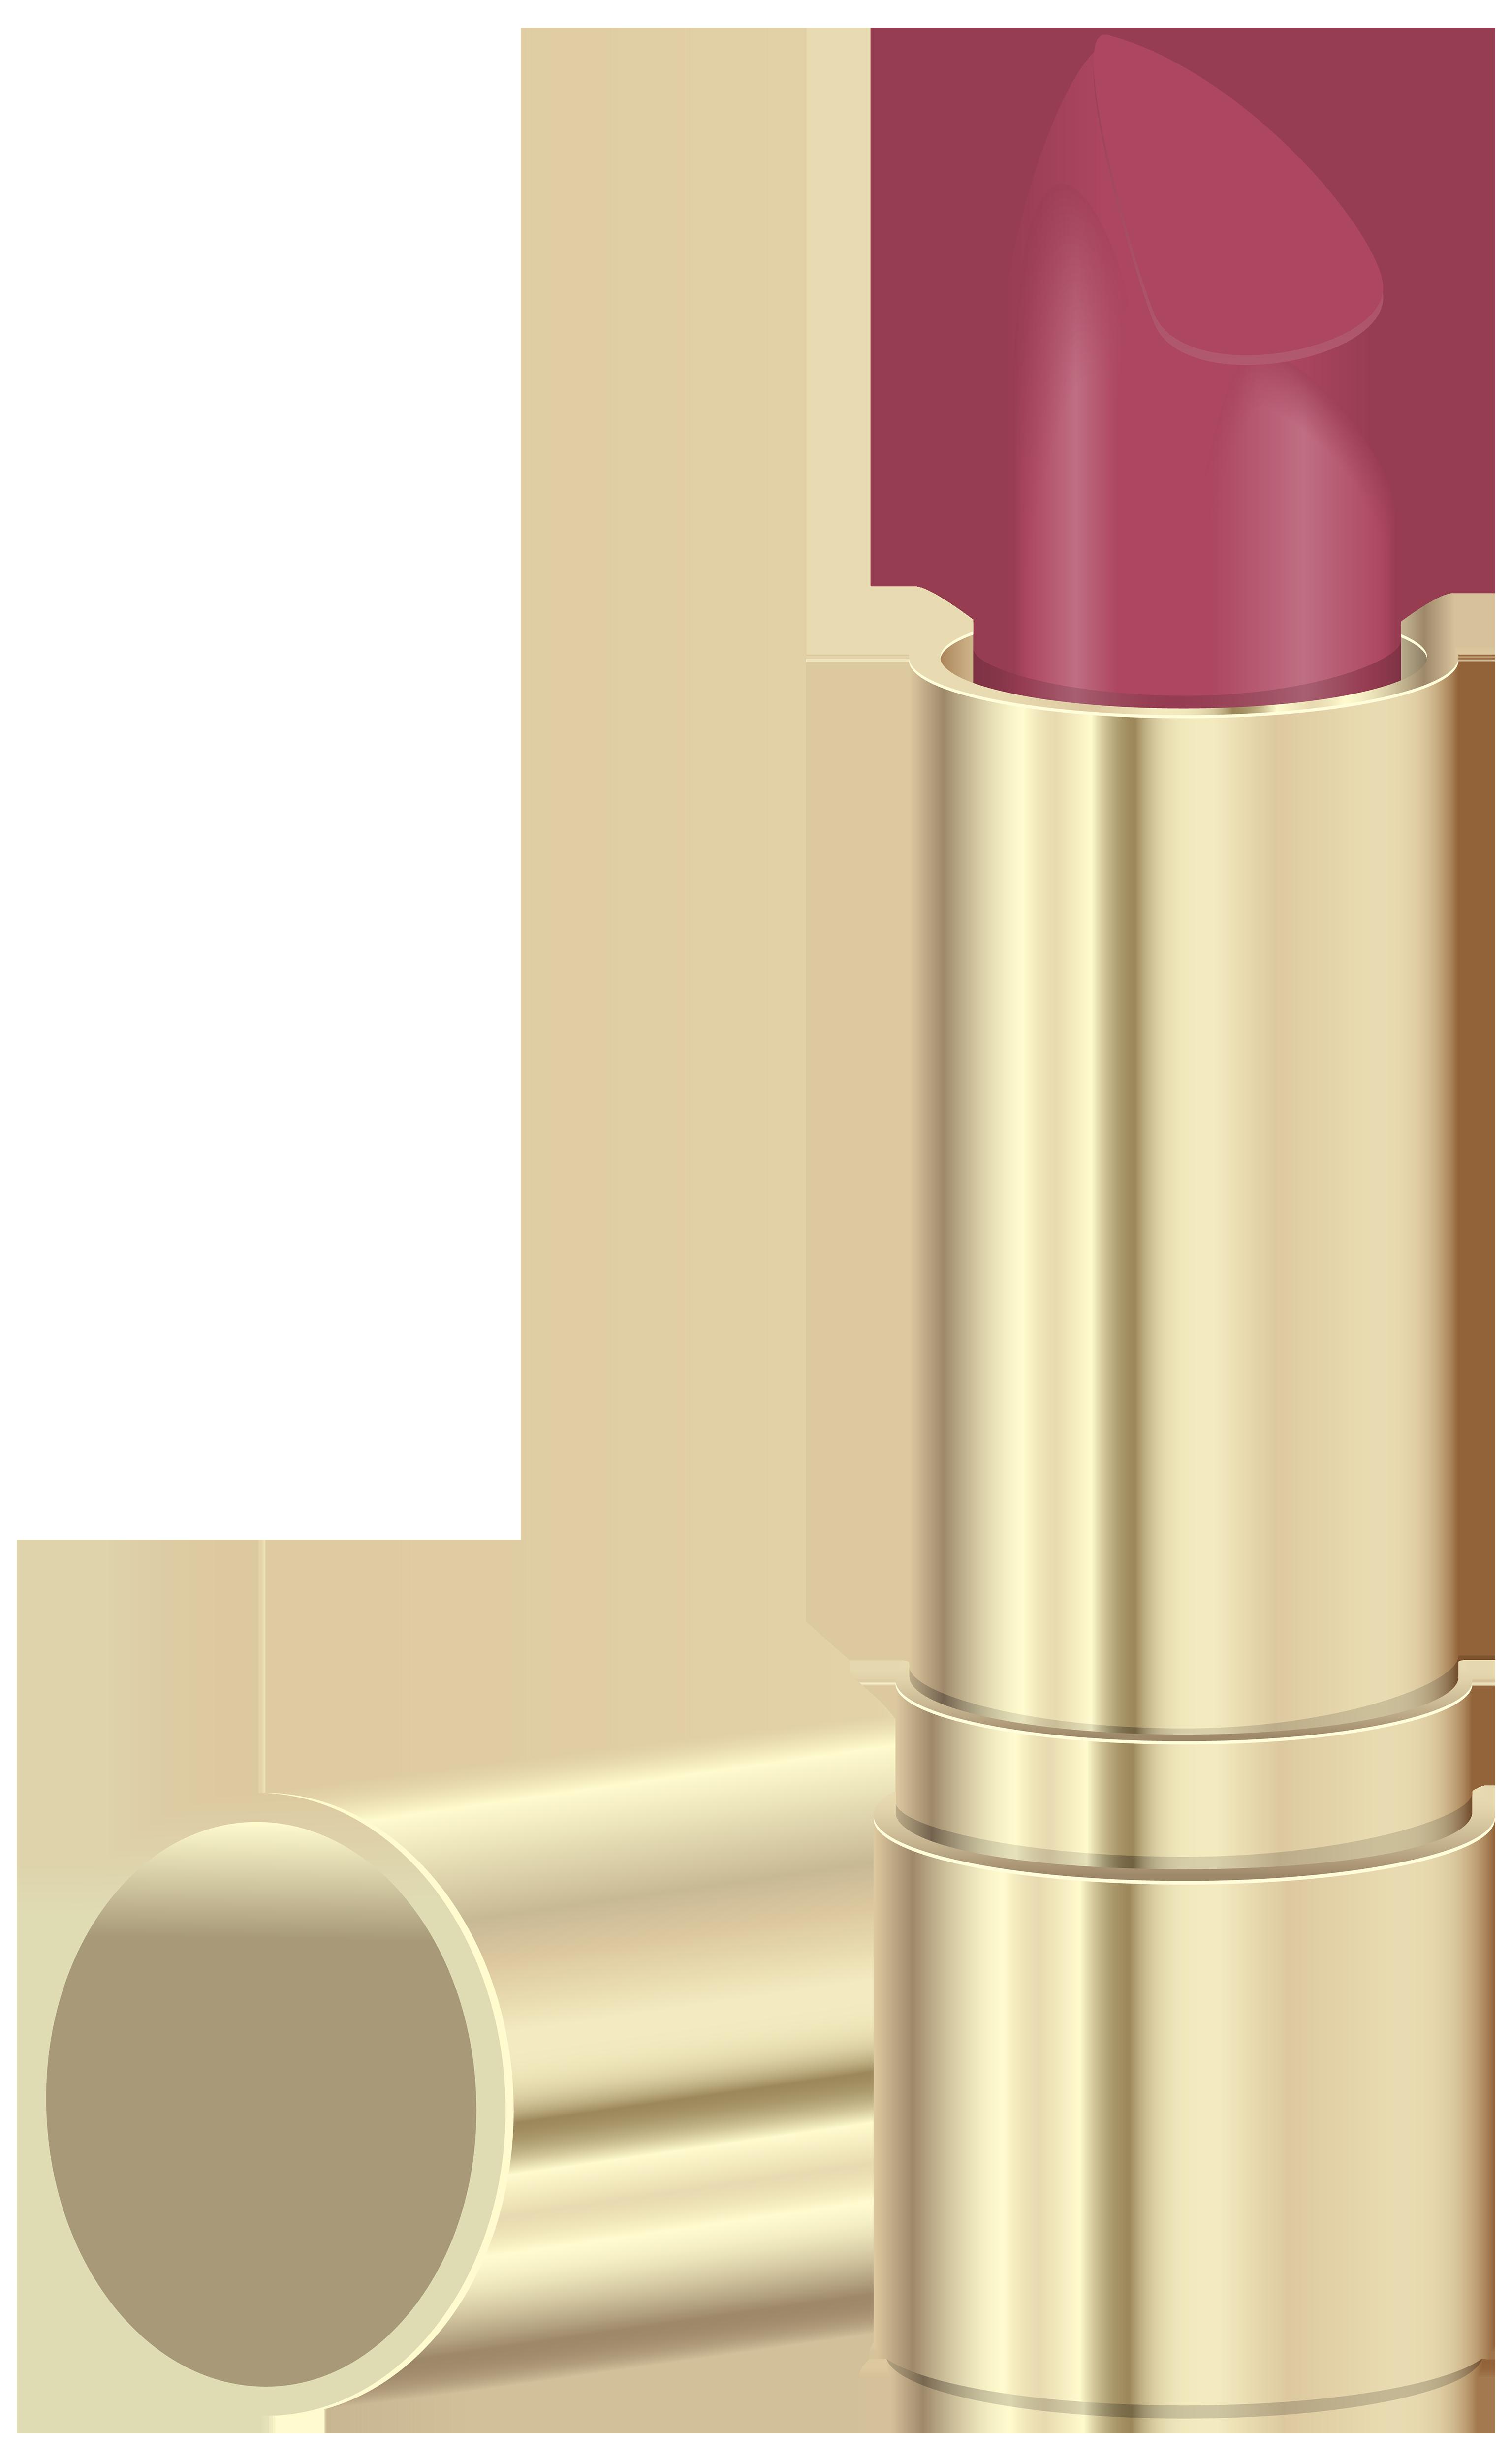 Lipstick clipart image